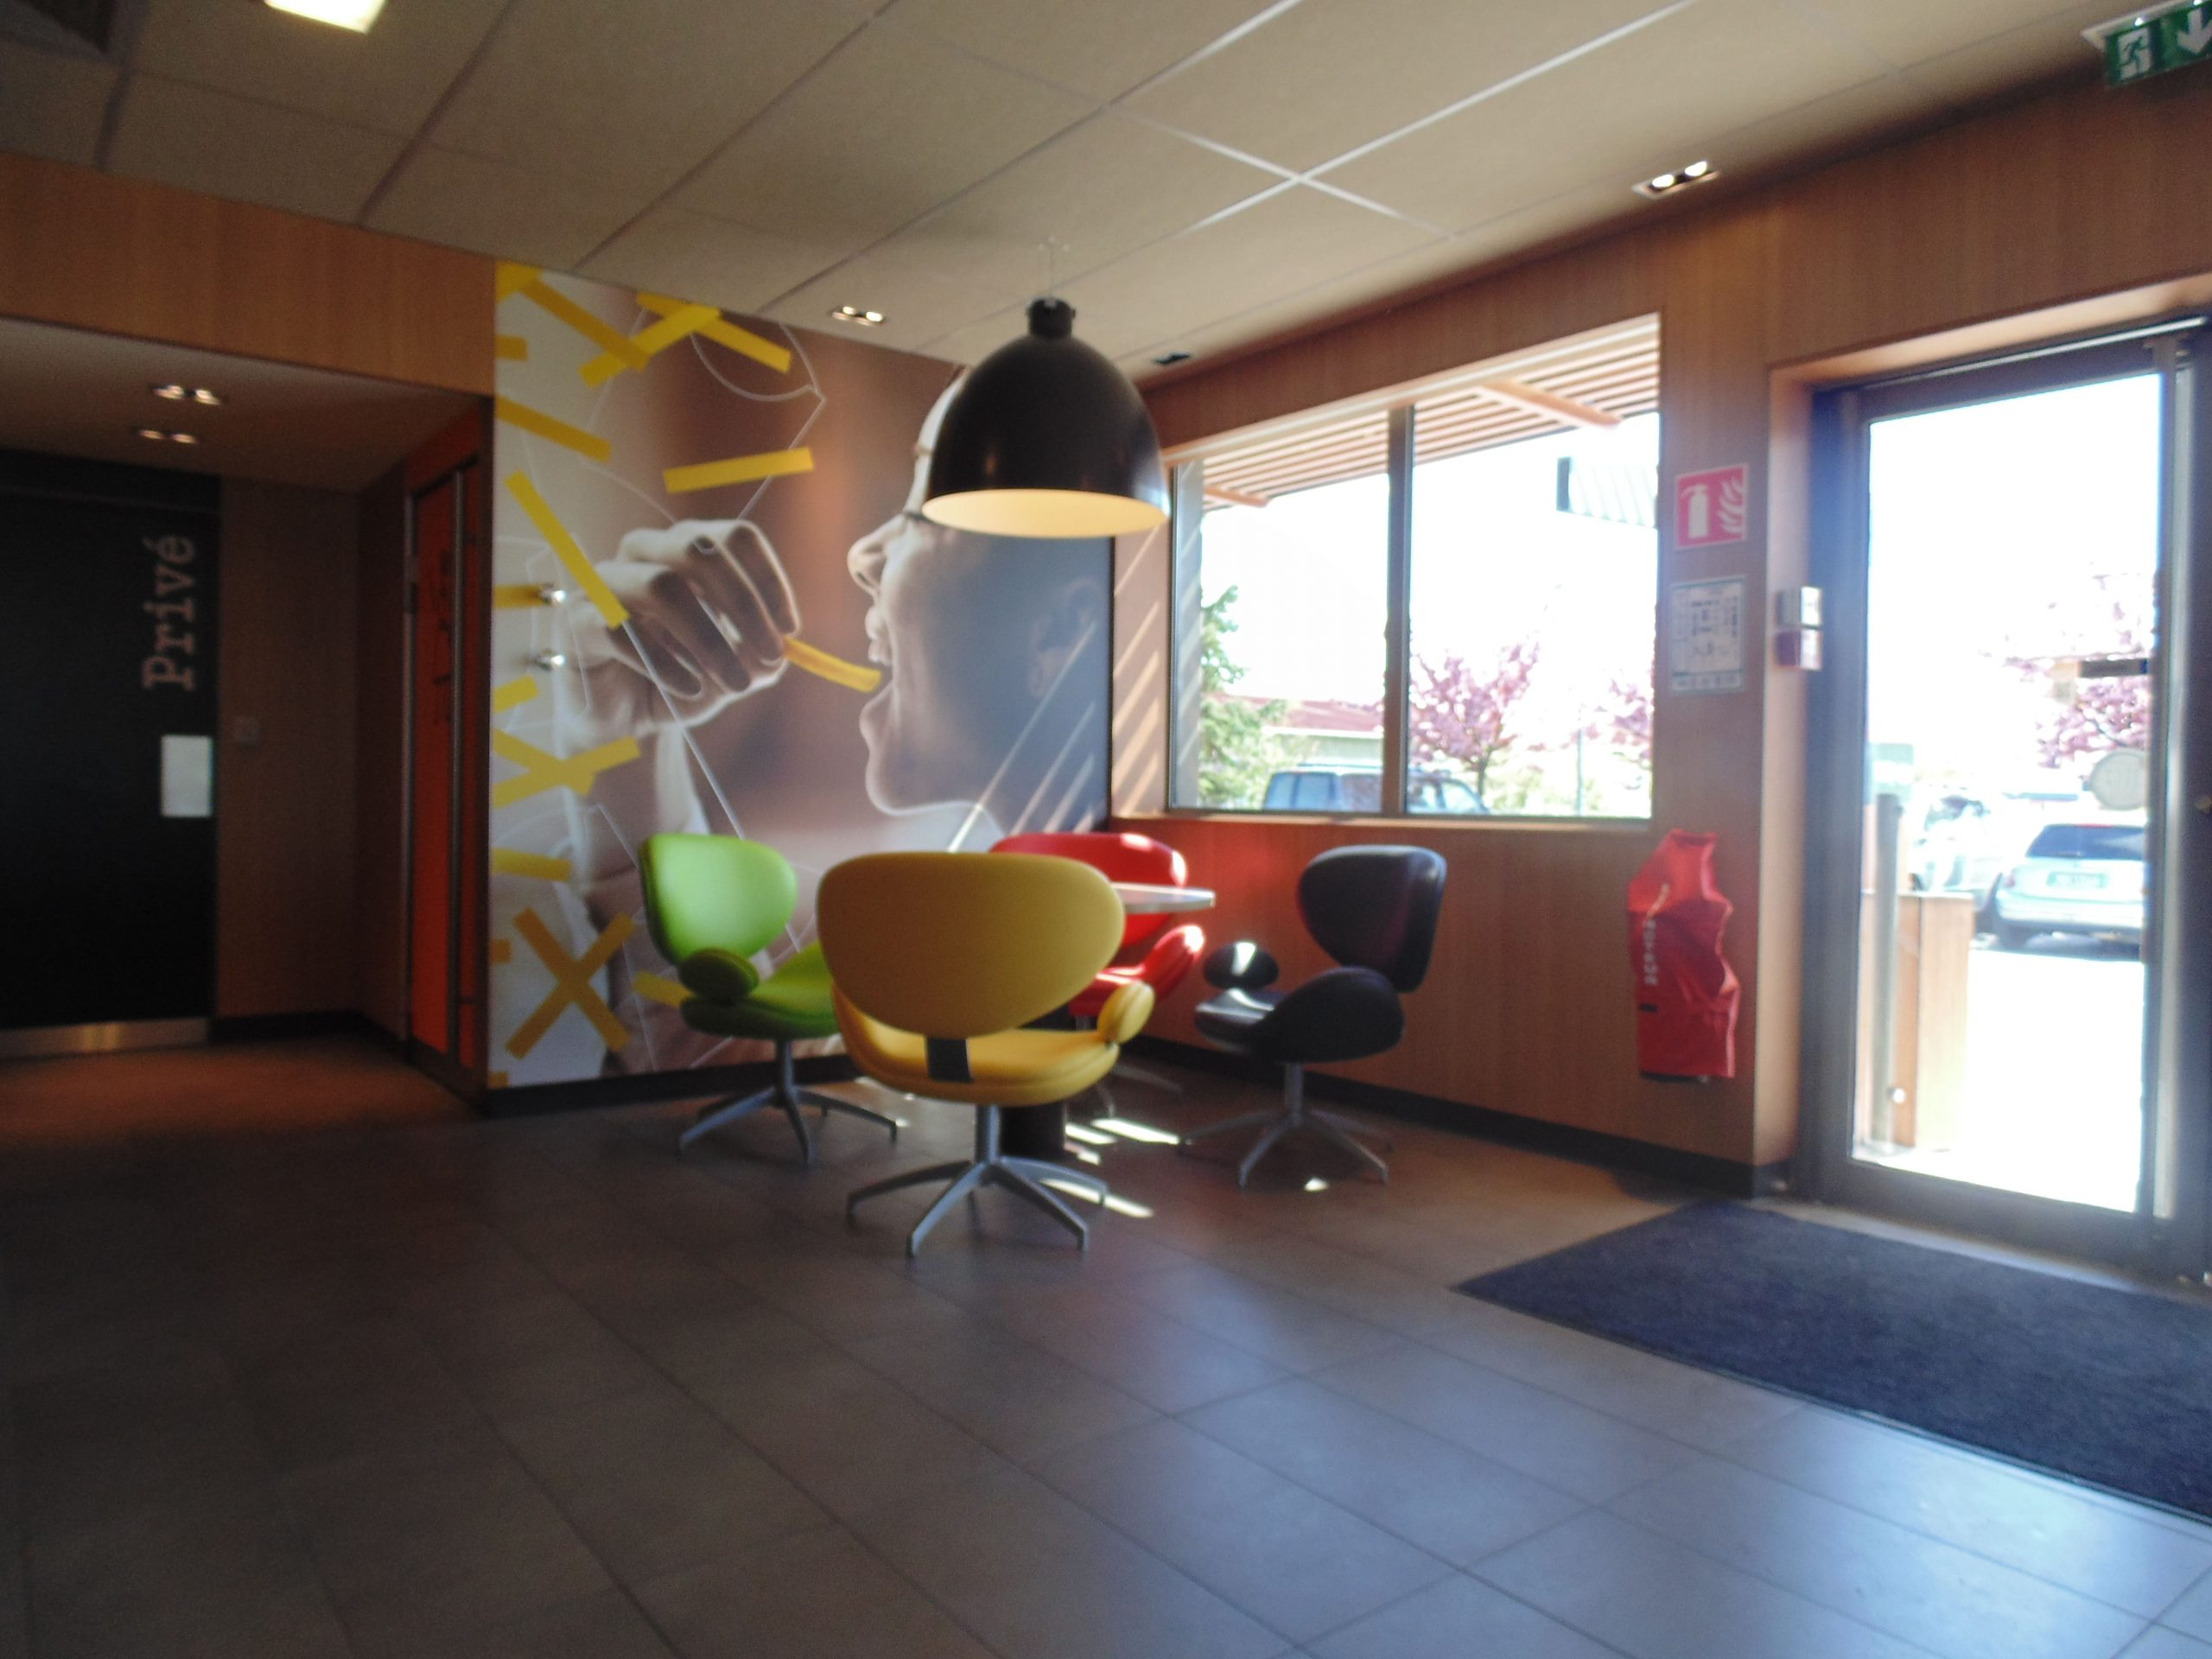 Espace restauration du McDonald's d'Eysines agencé par SAFRA Agencement